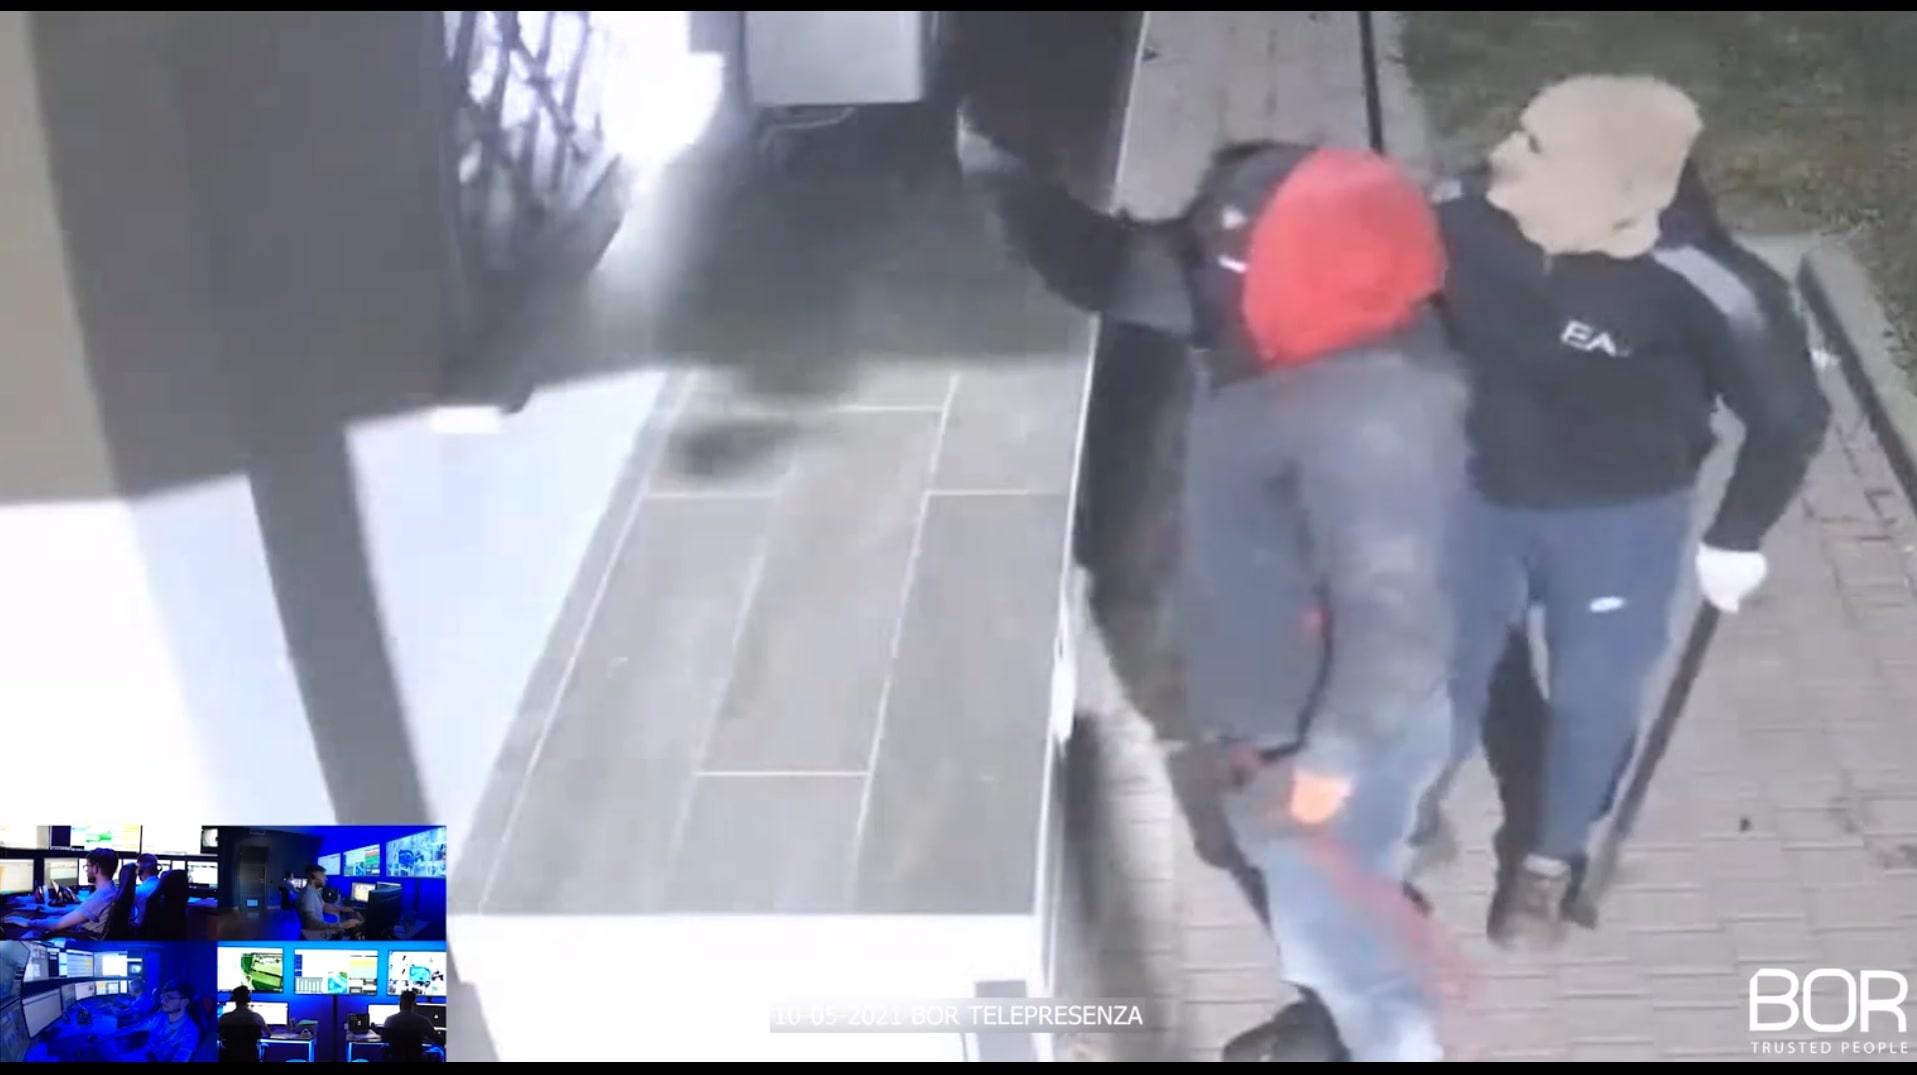 """CARINOLA (CE): primo furto sventato presso """"Varriale Gestioni s.r.l."""""""